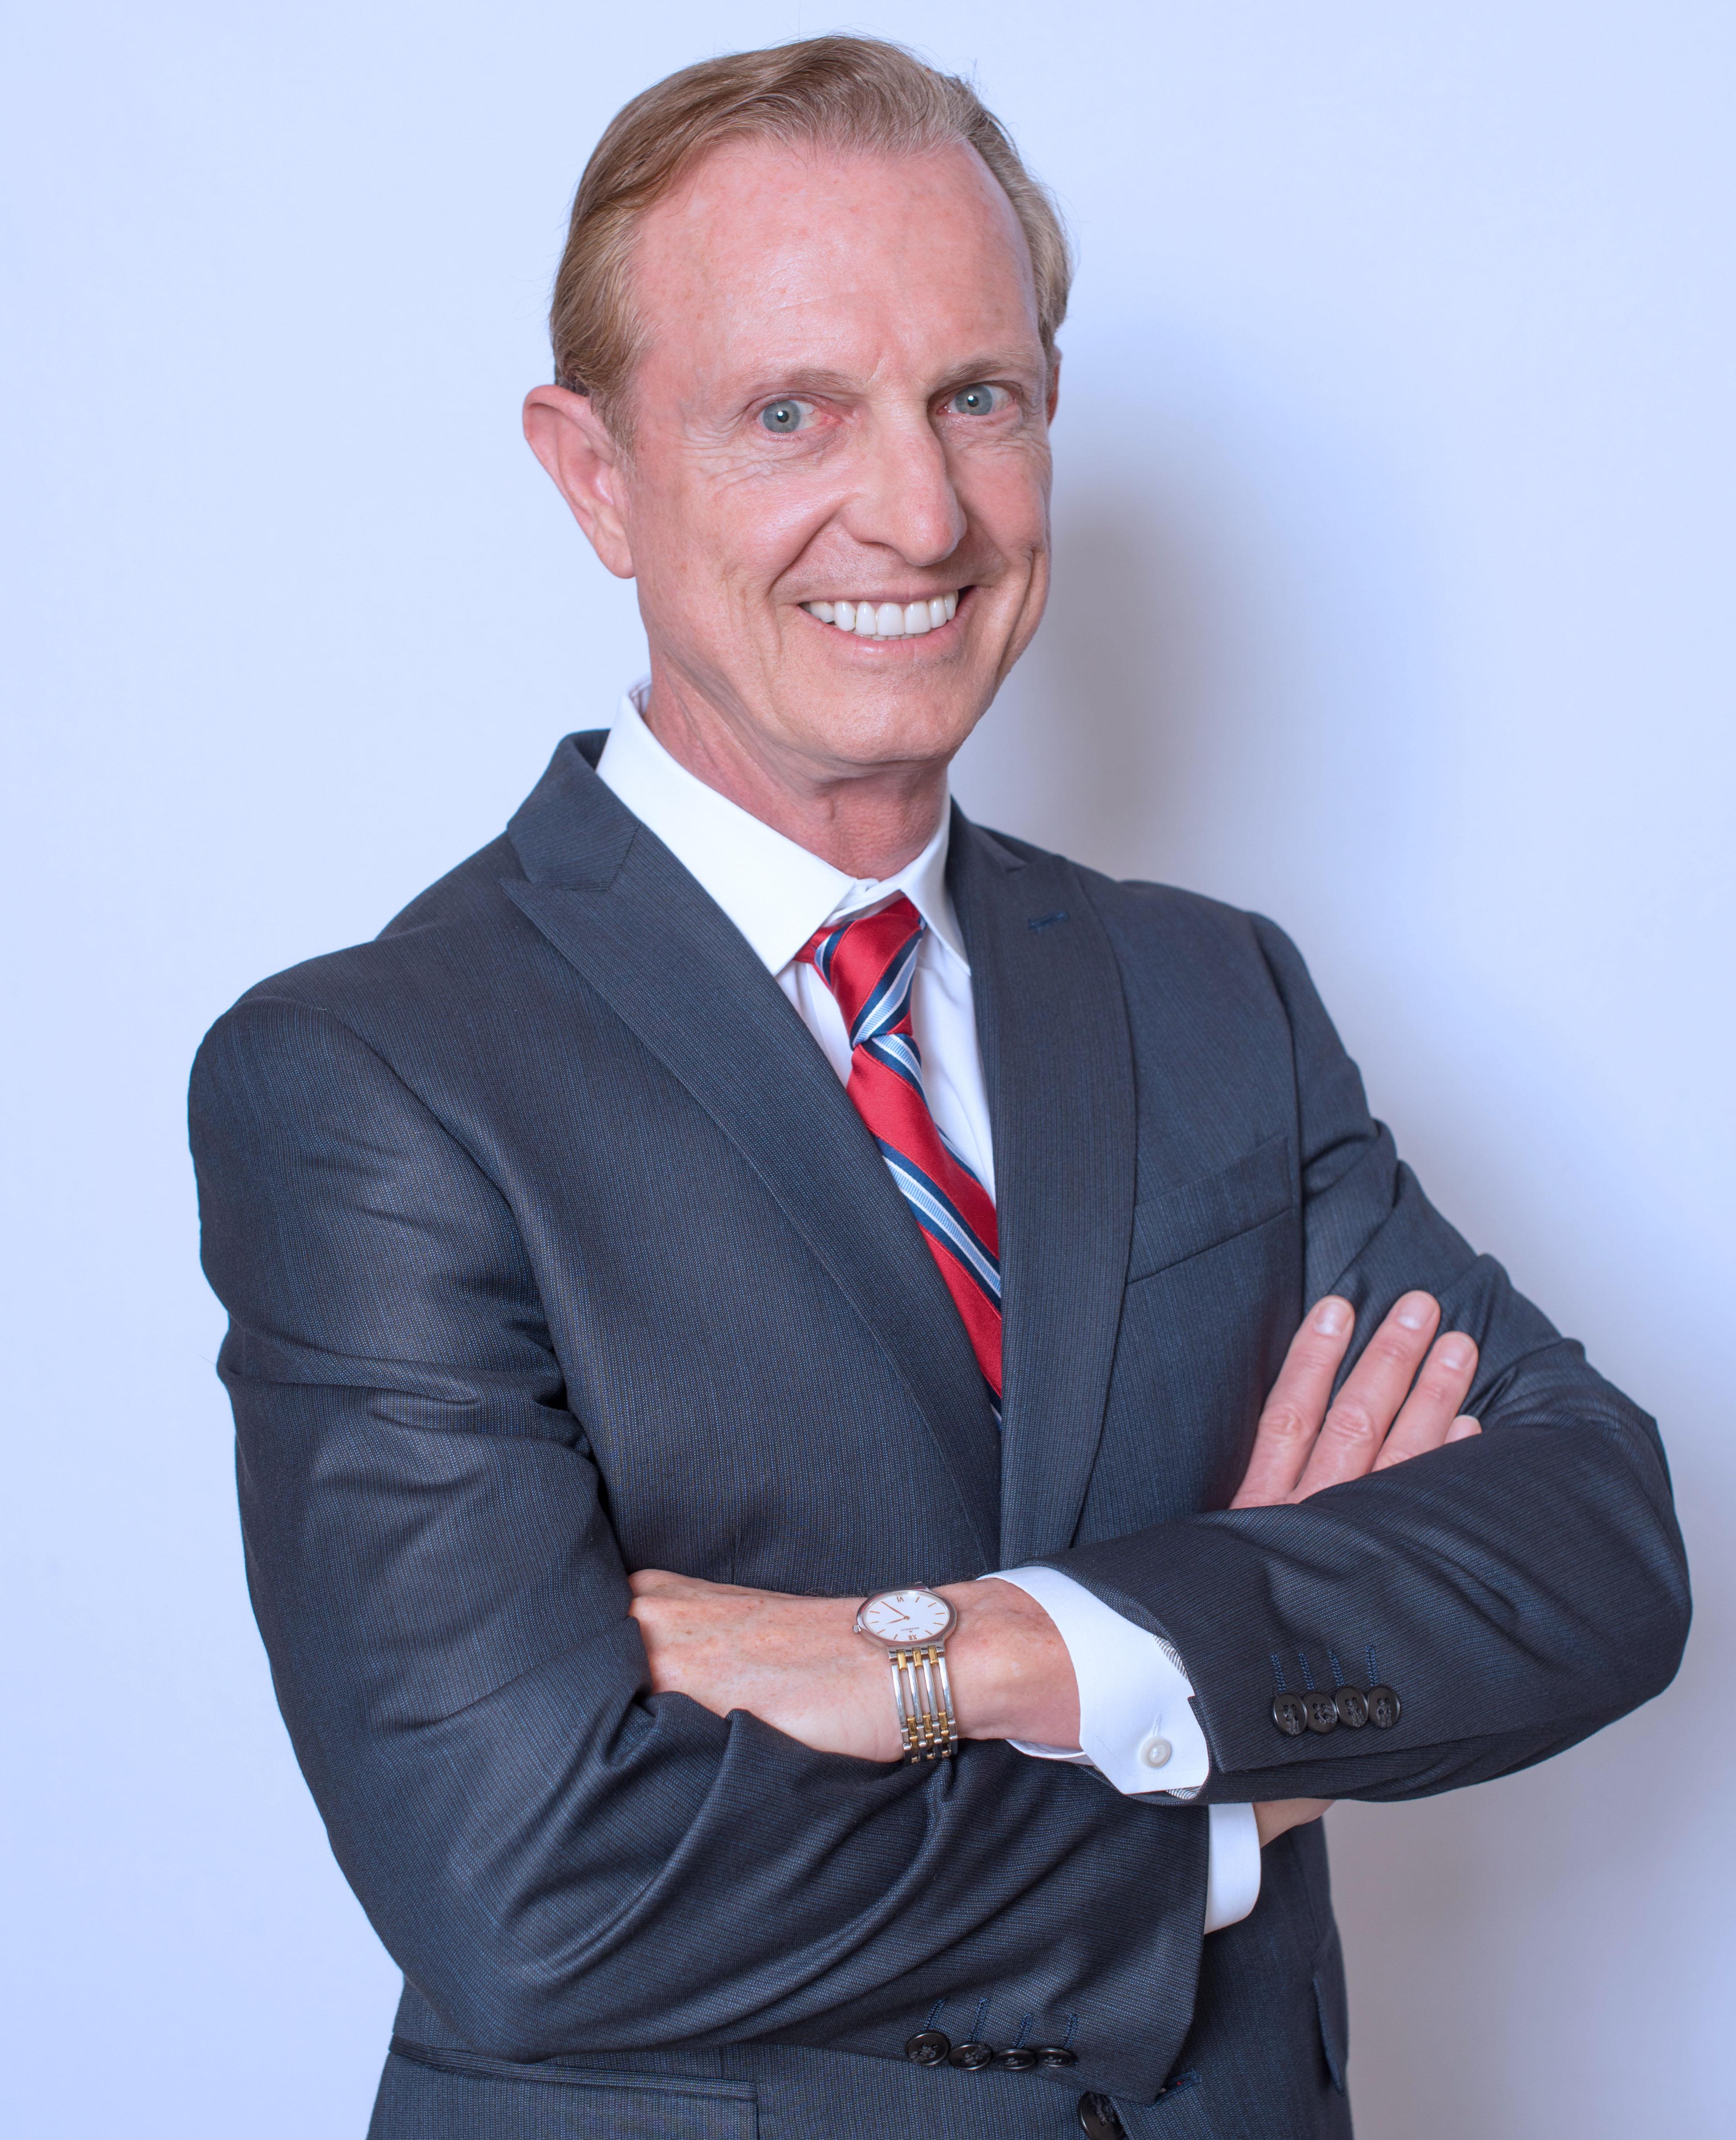 Thomas Stephens, financial advisor Houston TX